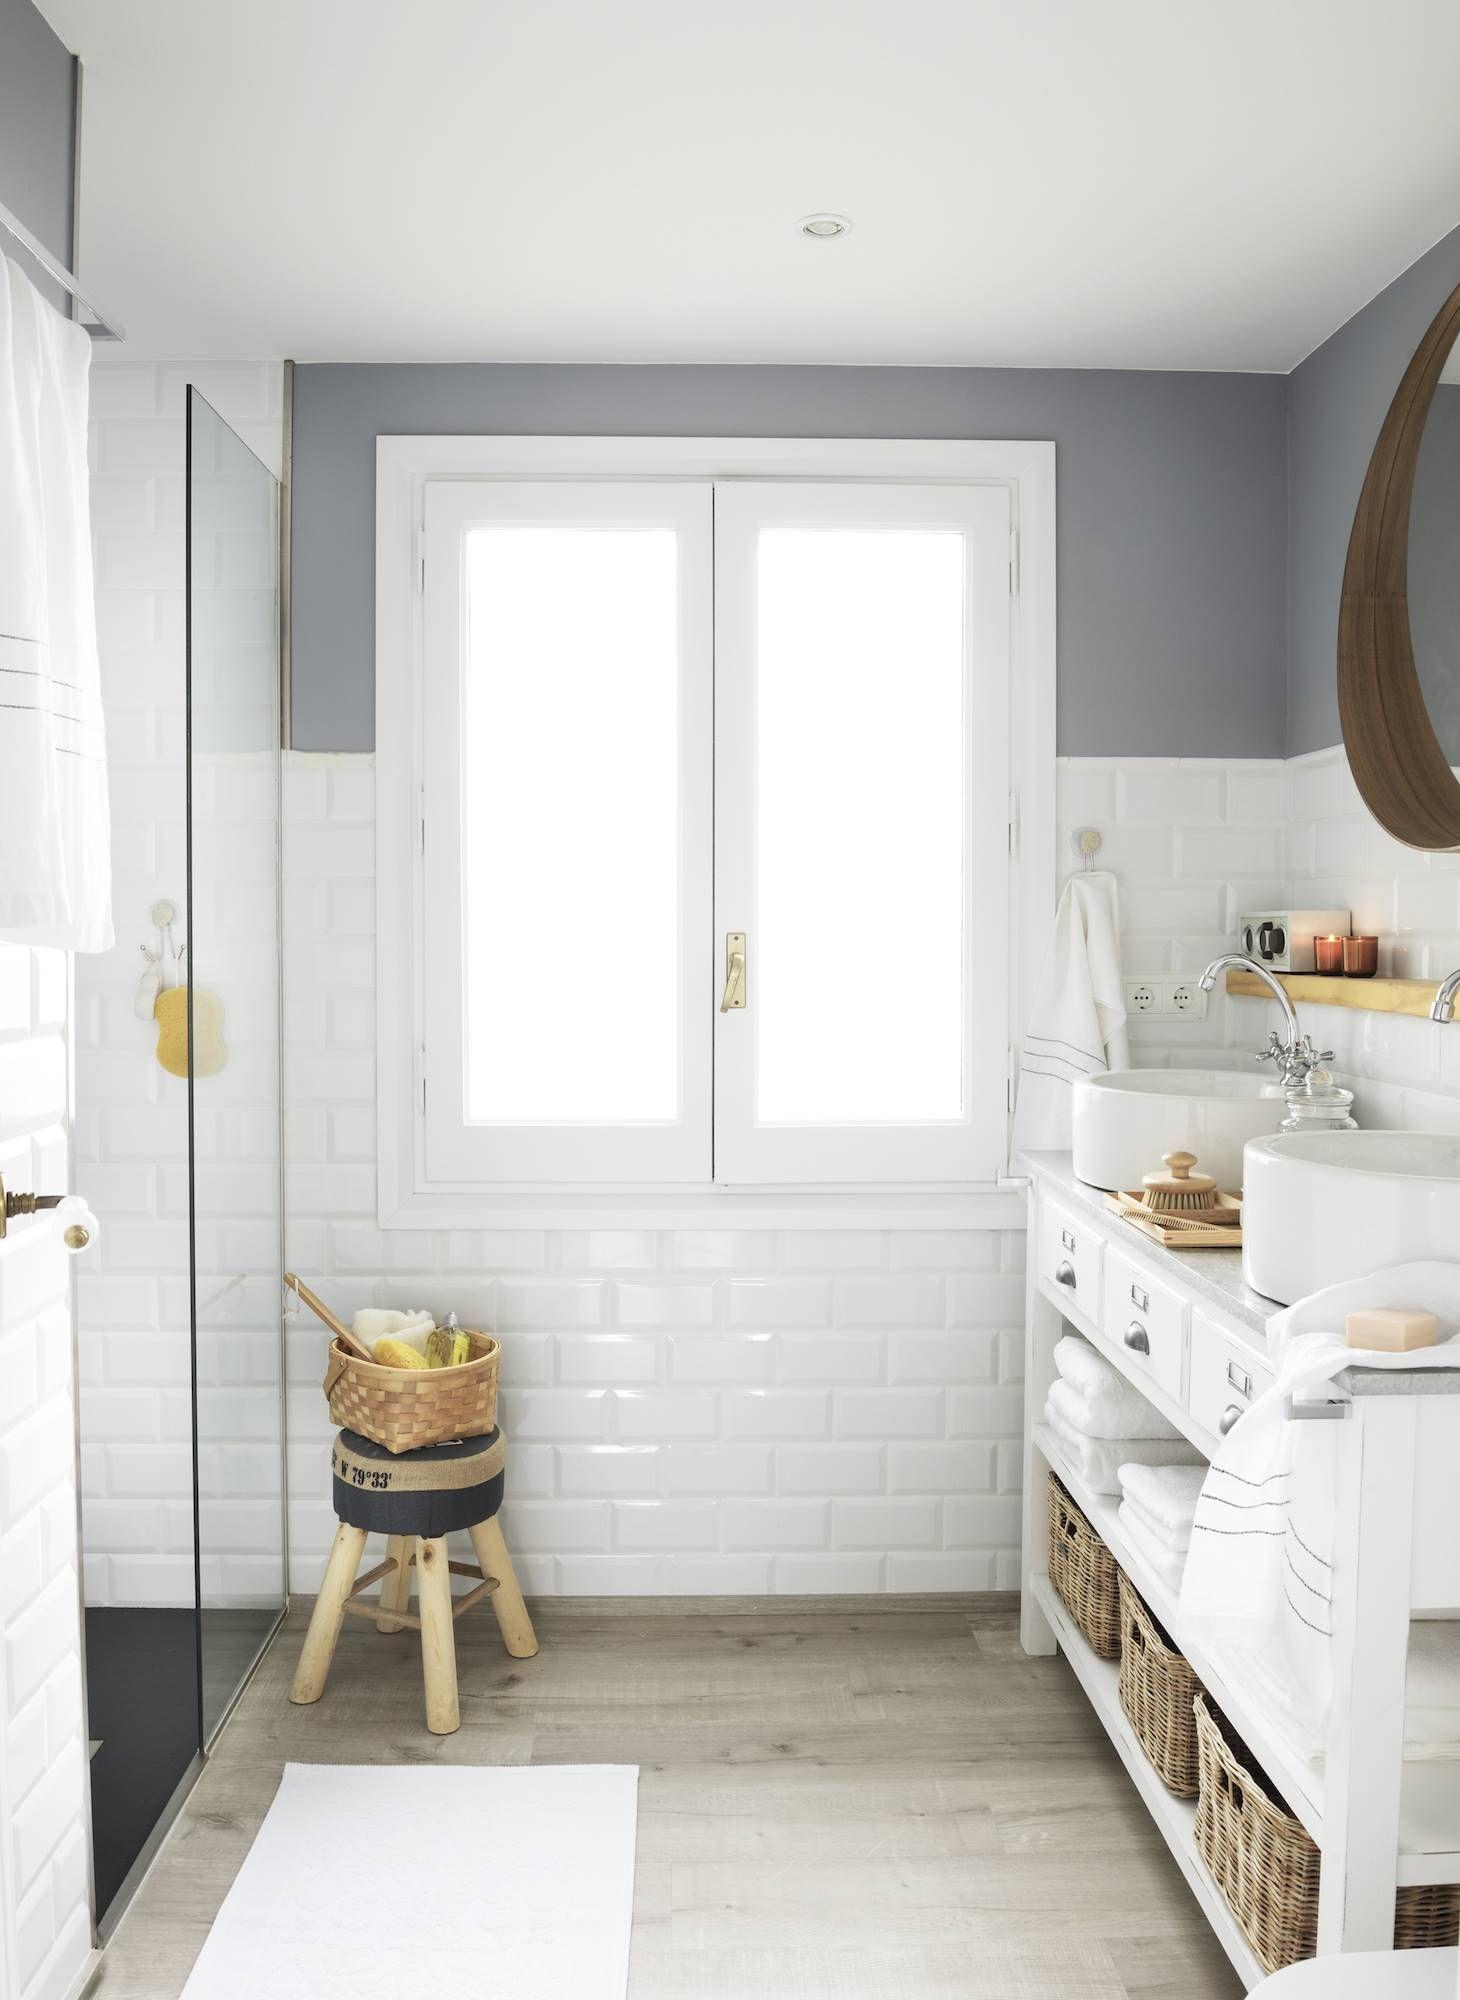 36 Sacar Luz A Un Rustico Banos Azulejos Blancos Como Decorar